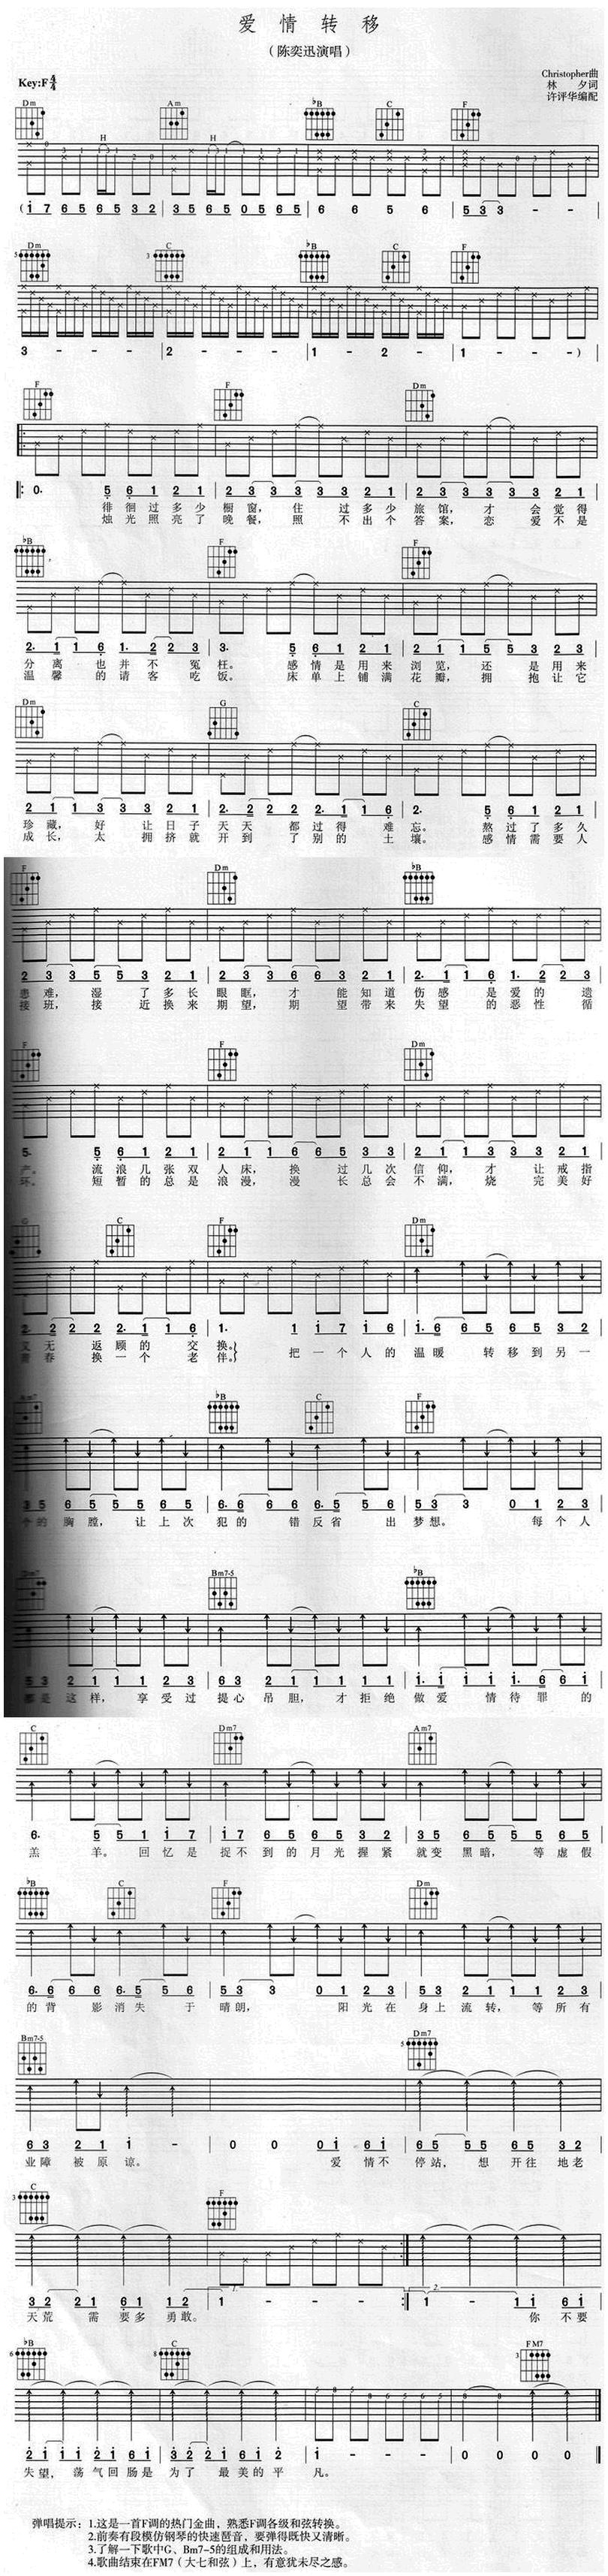 愛情轉移-陳奕迅-图片吉他谱-0